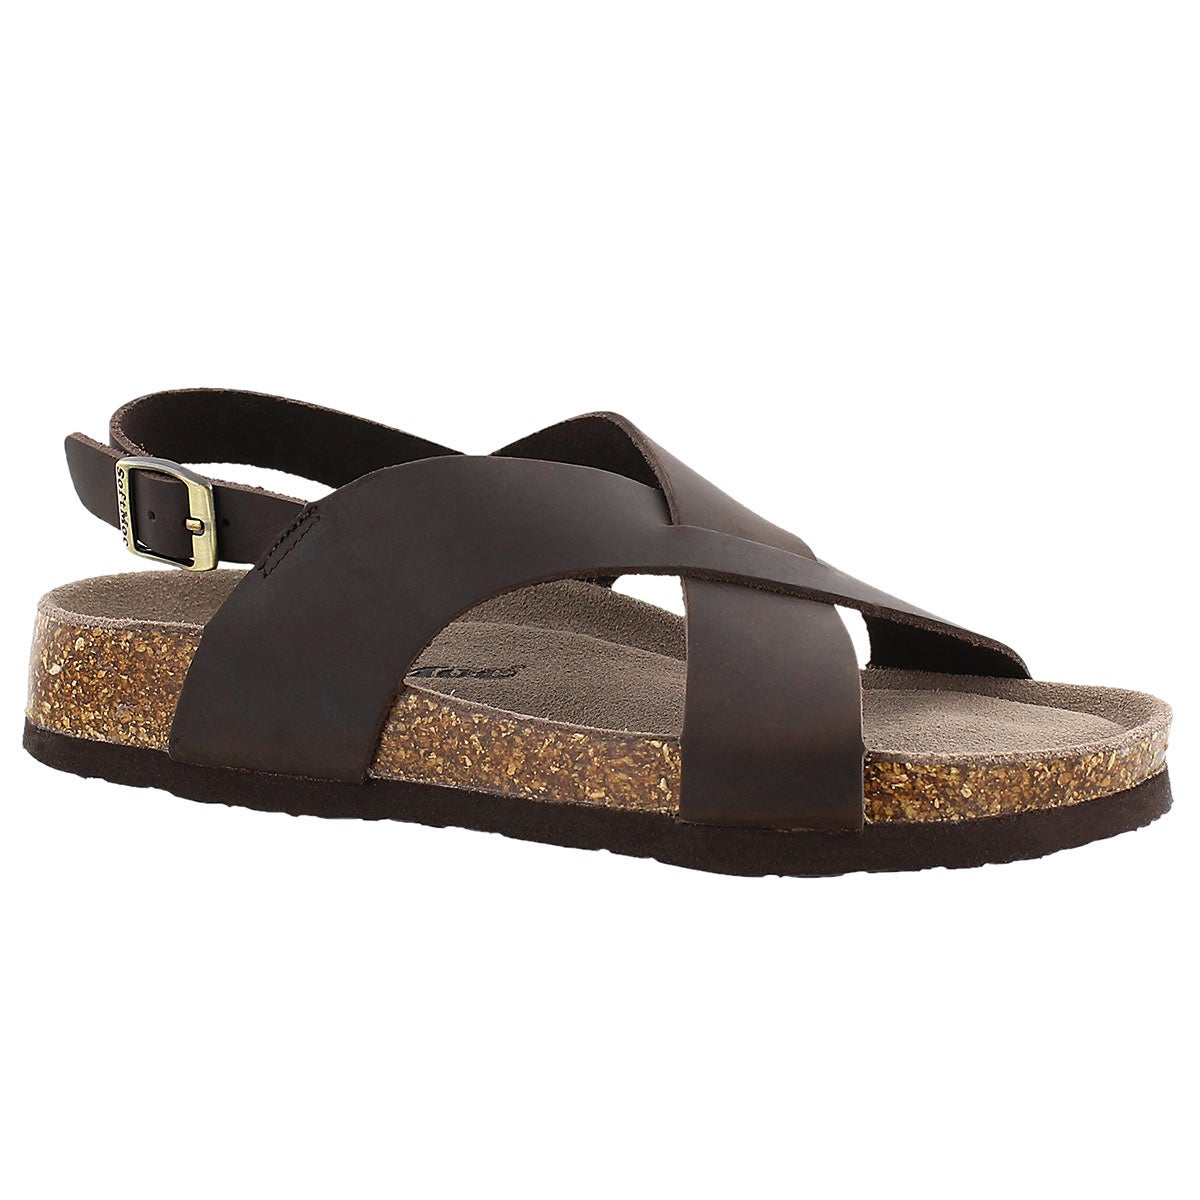 Sandale mousse visc. Addy, brun, femmes